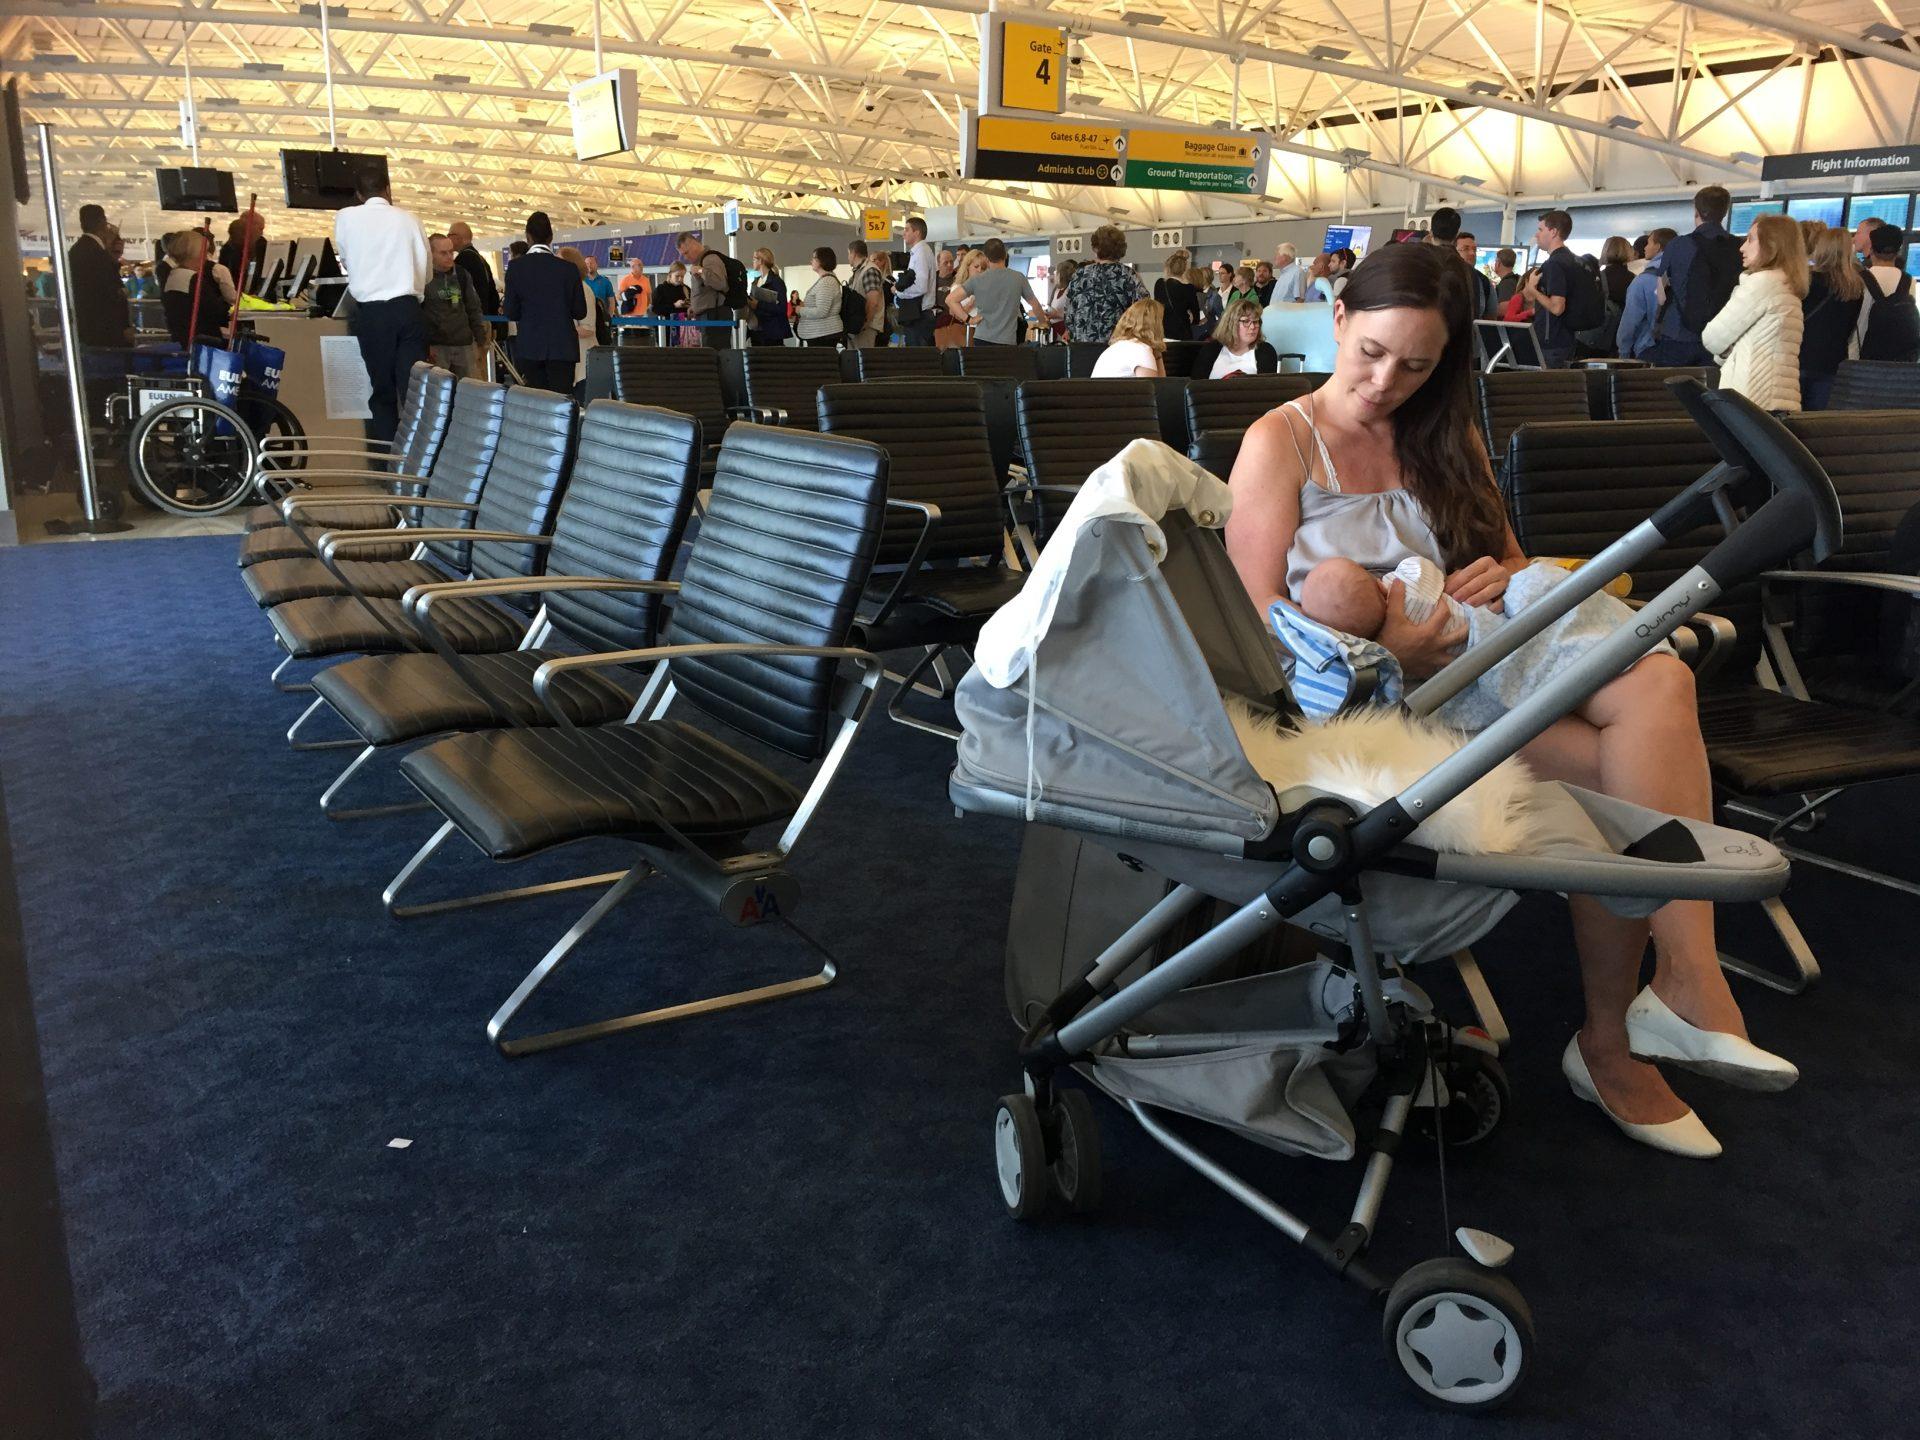 vauvan kanssa lentoasemalla